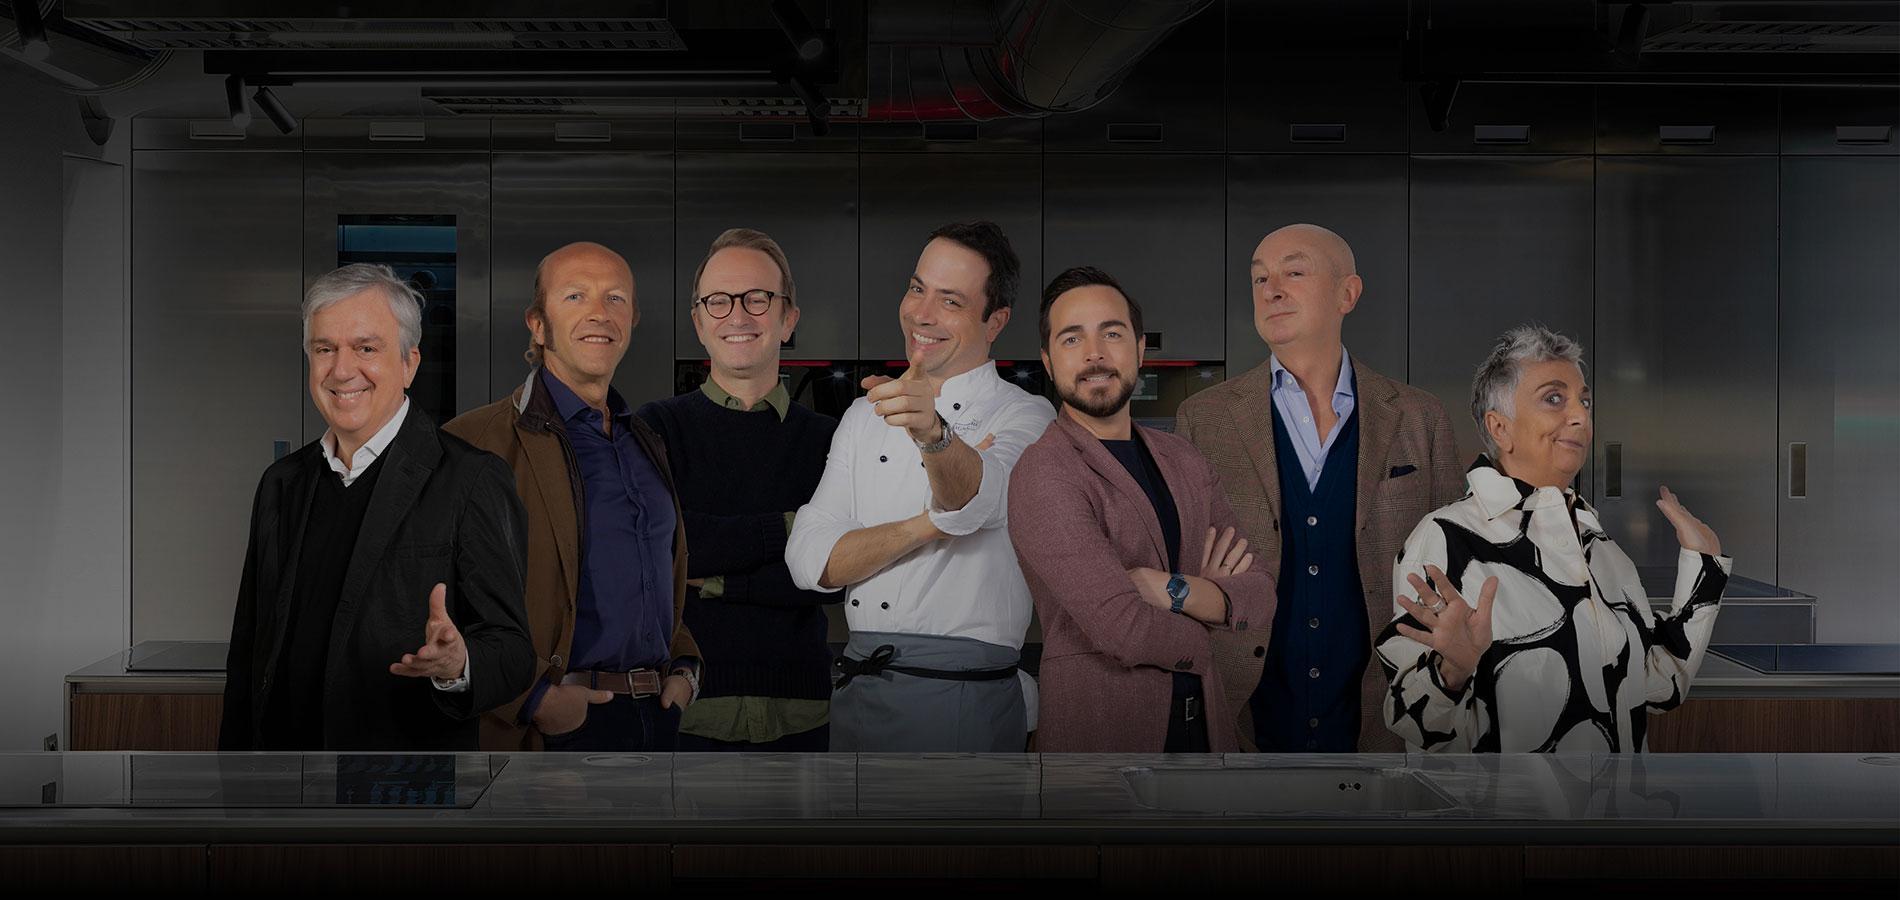 Taste the Architect - Episodio 1 - Paolo Piva